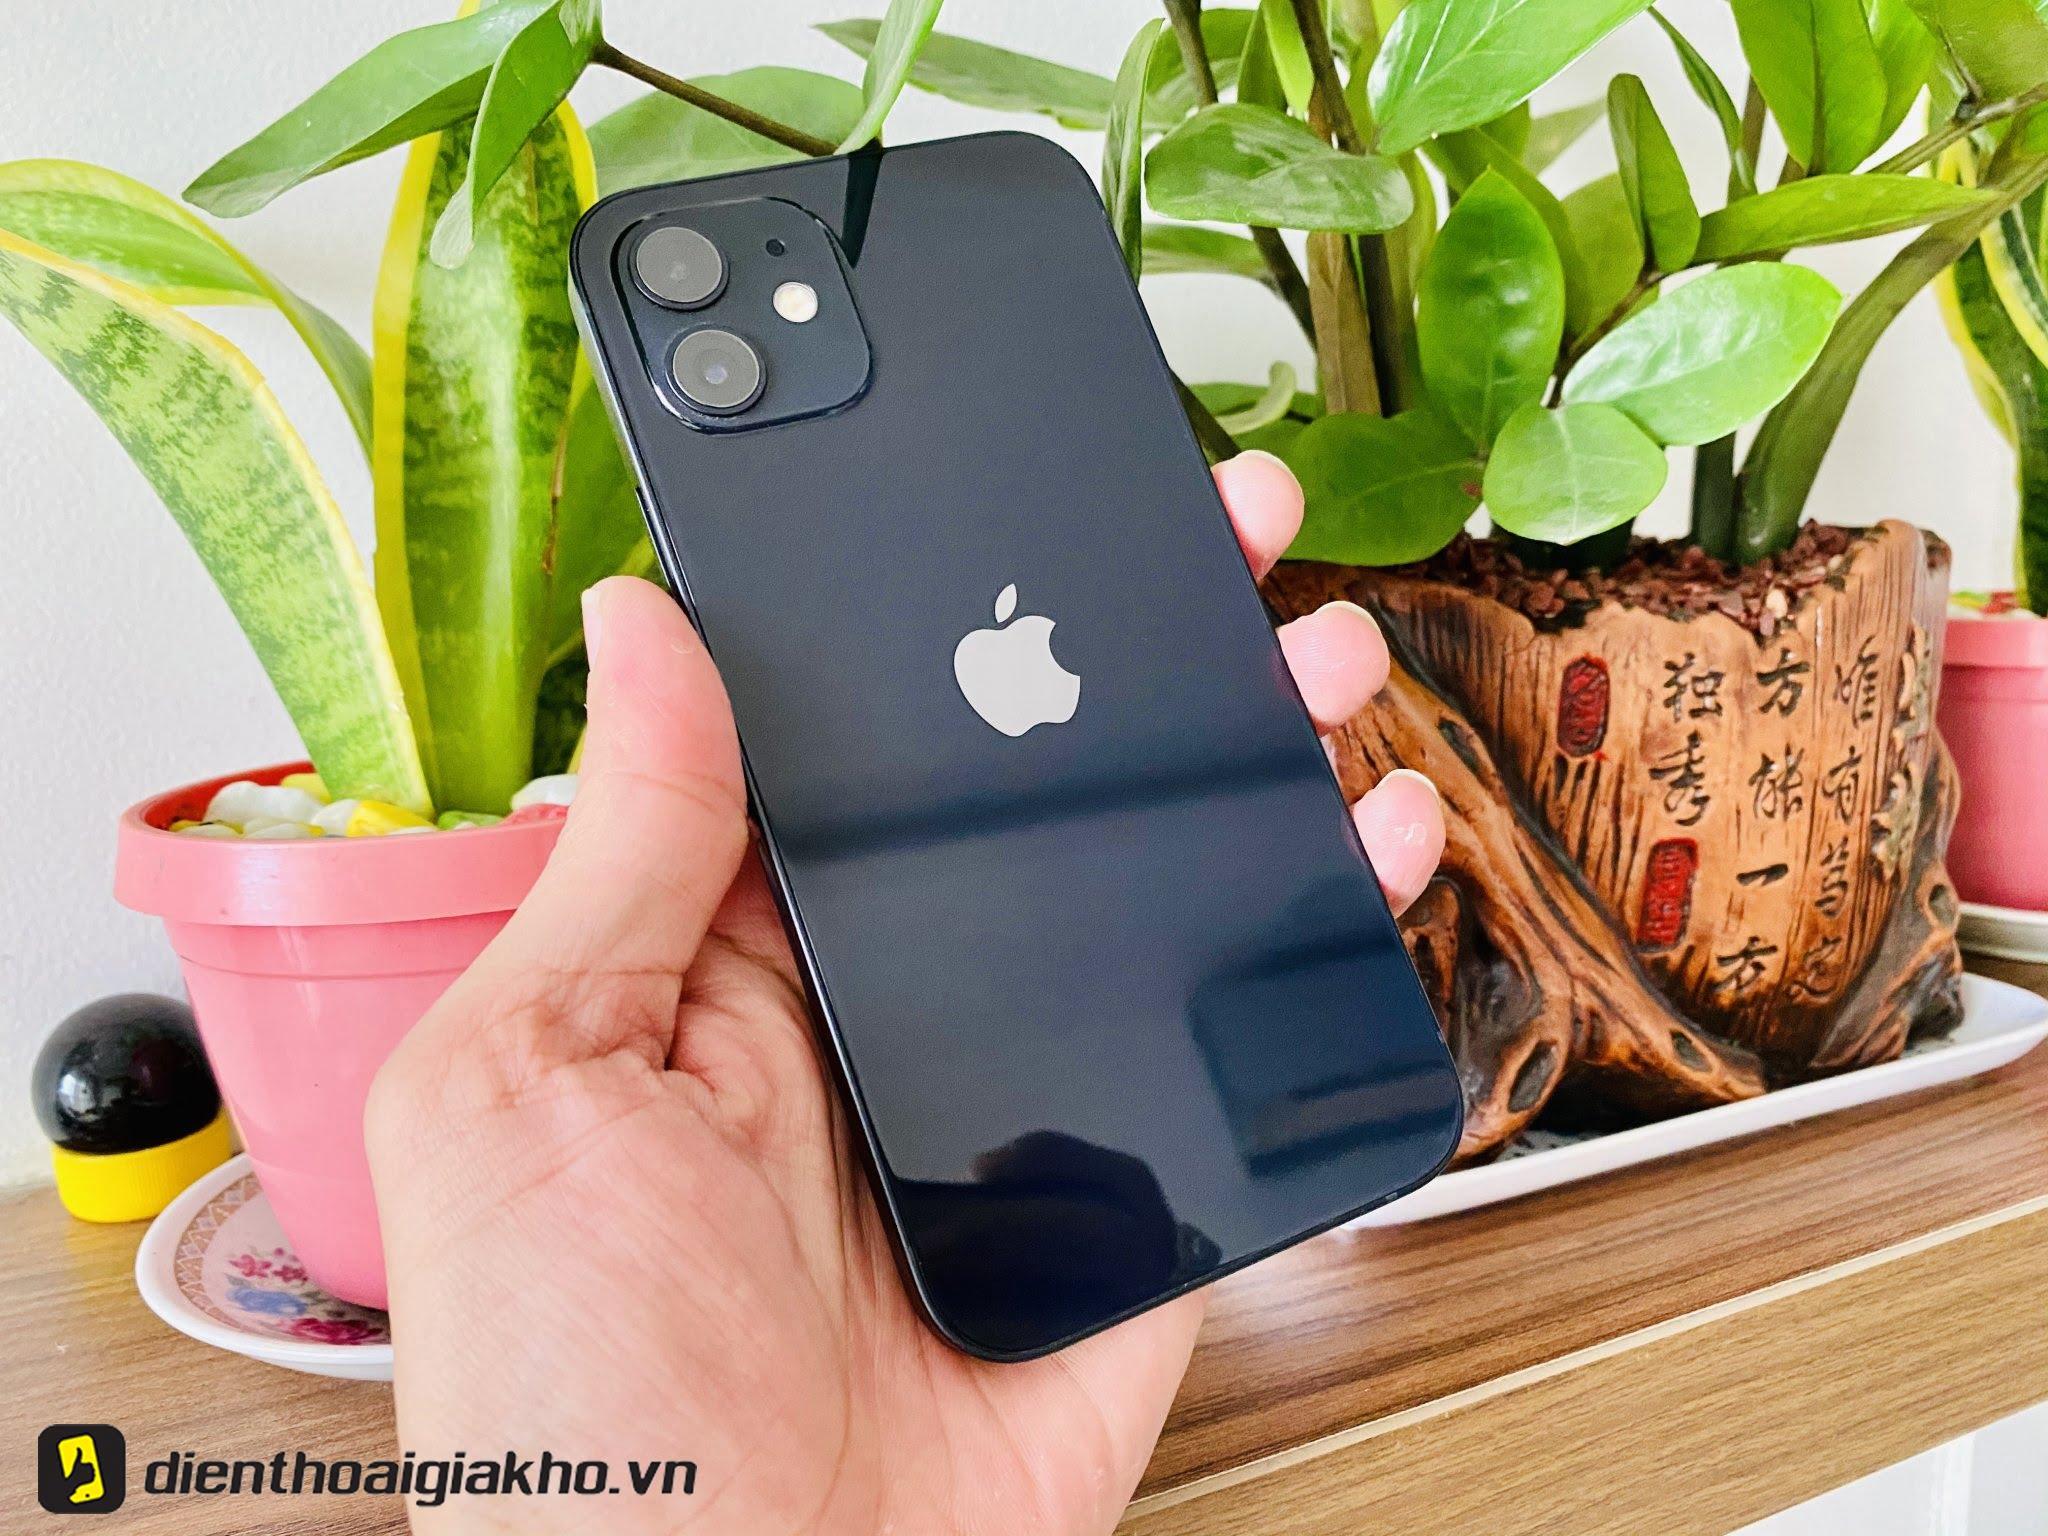 iphone-12-mau-den-huyen-thoai